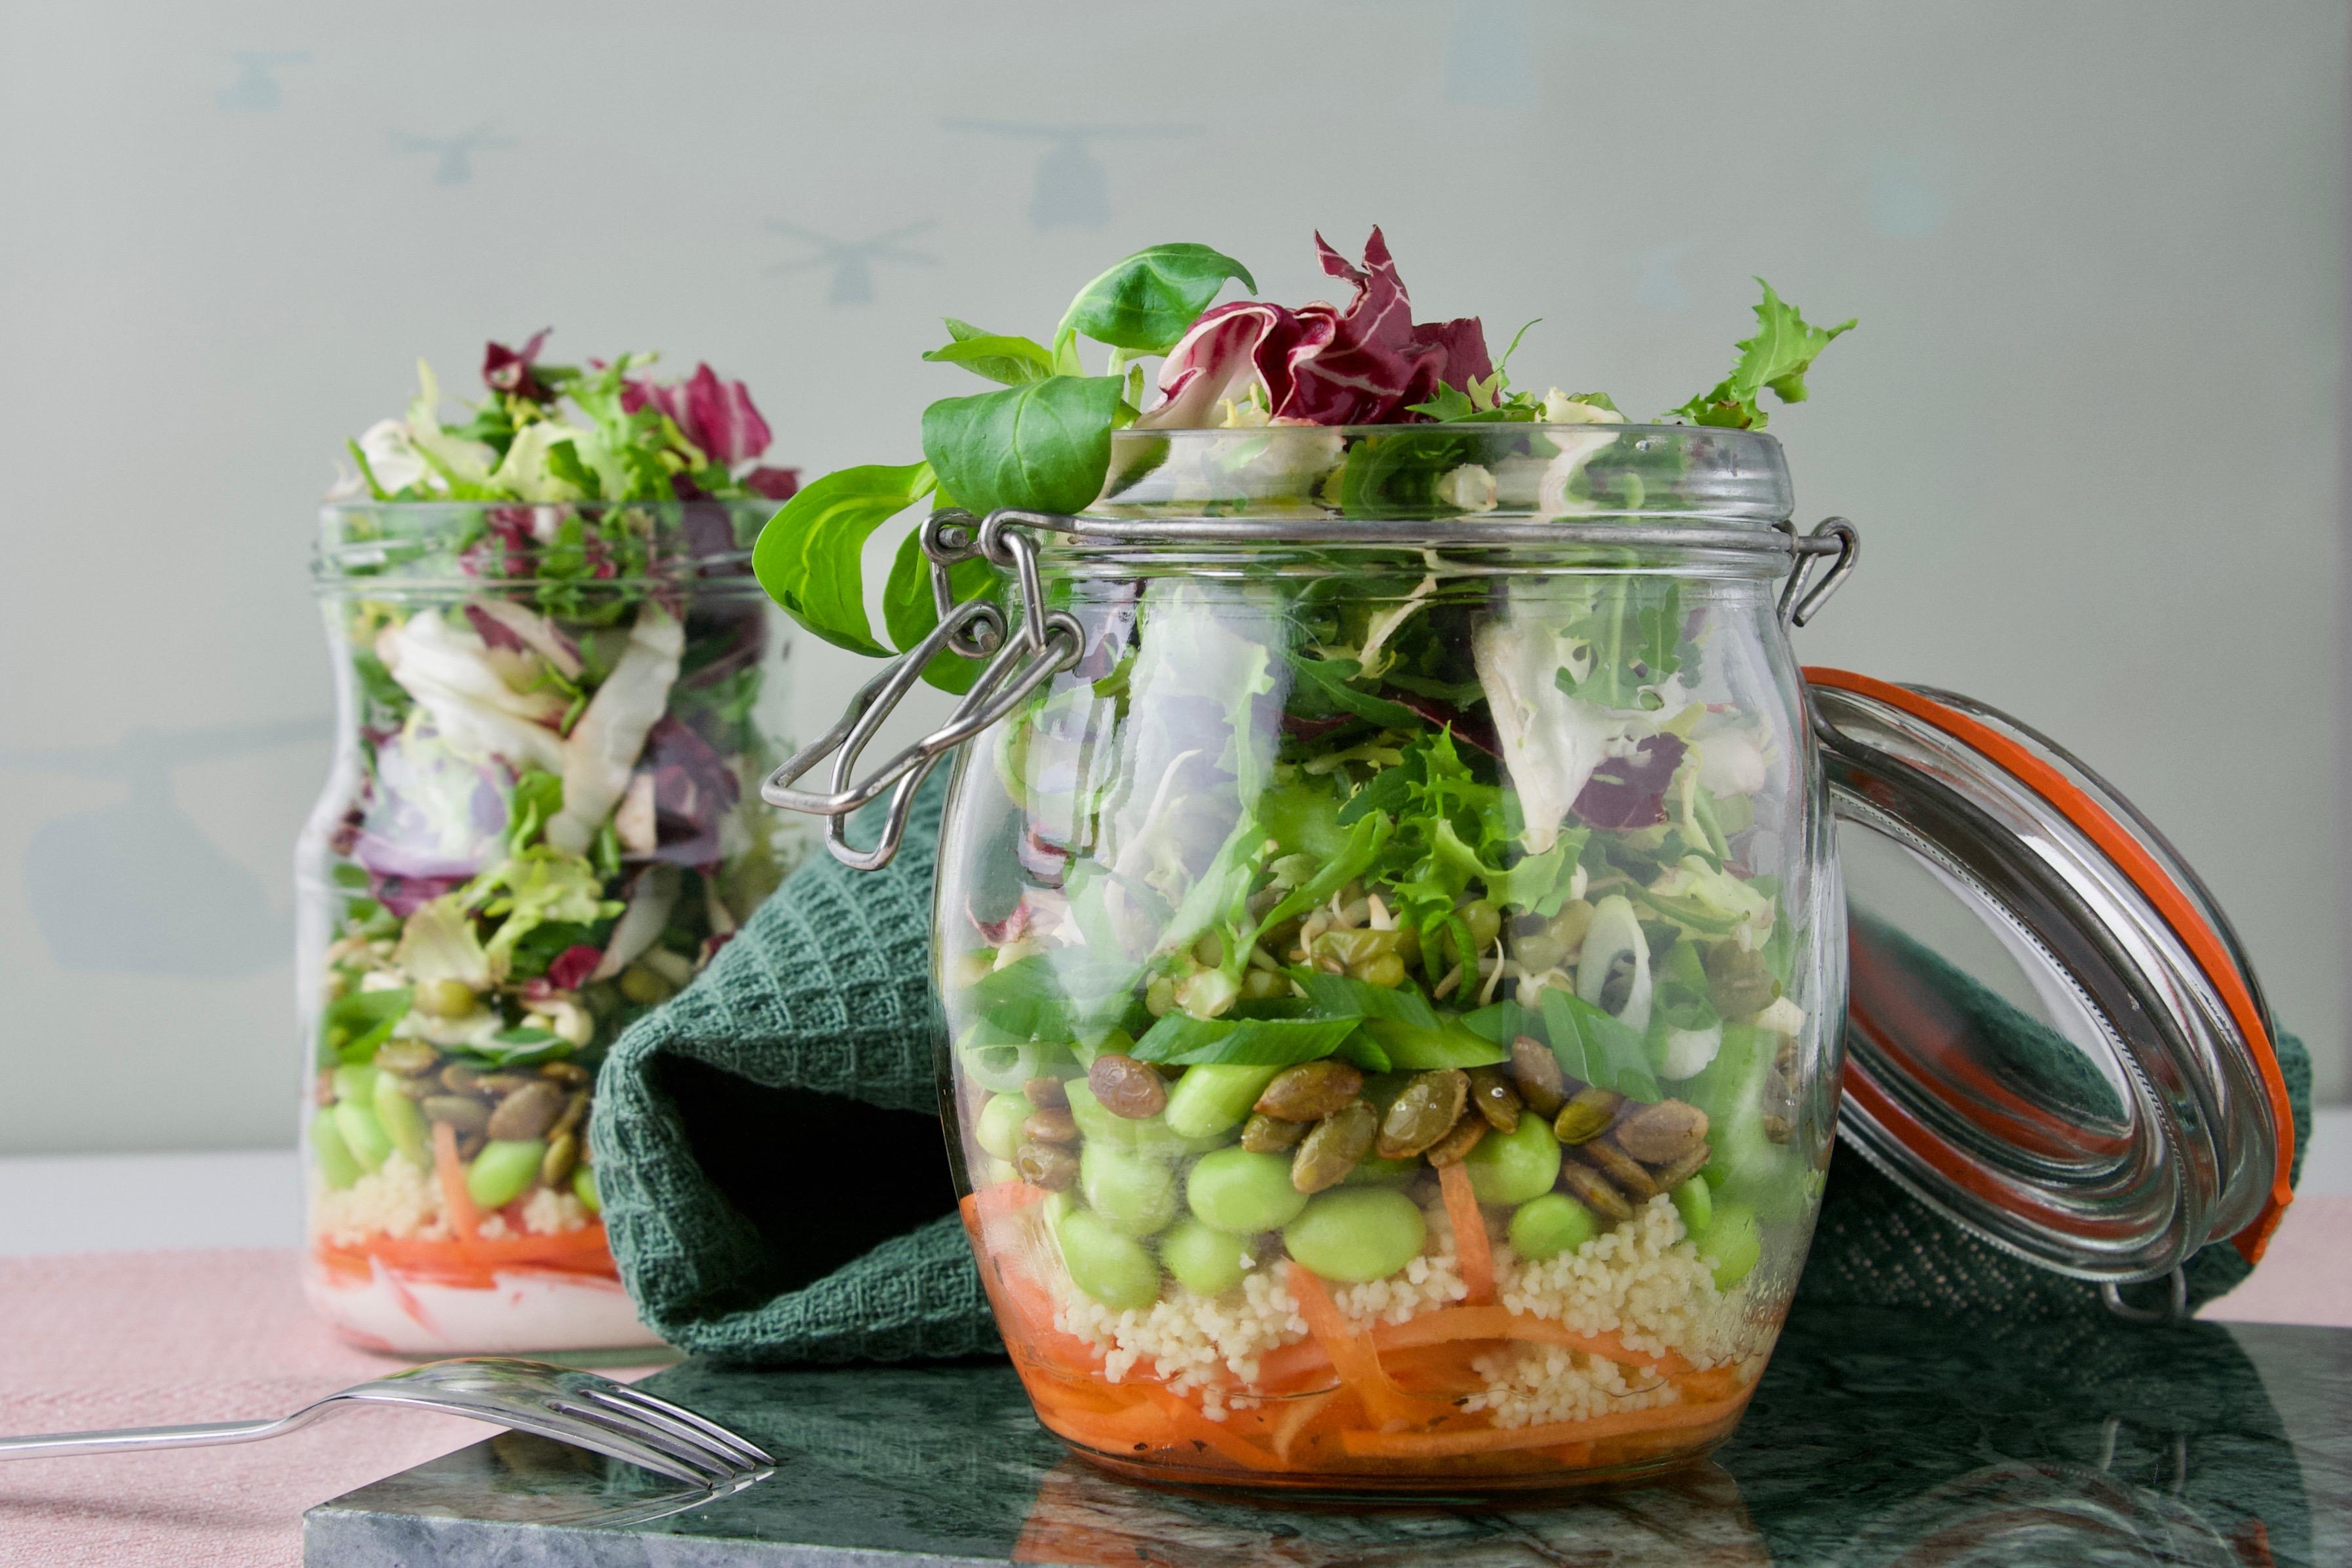 Salat i glas – vitaminer til madpakken og øjnene